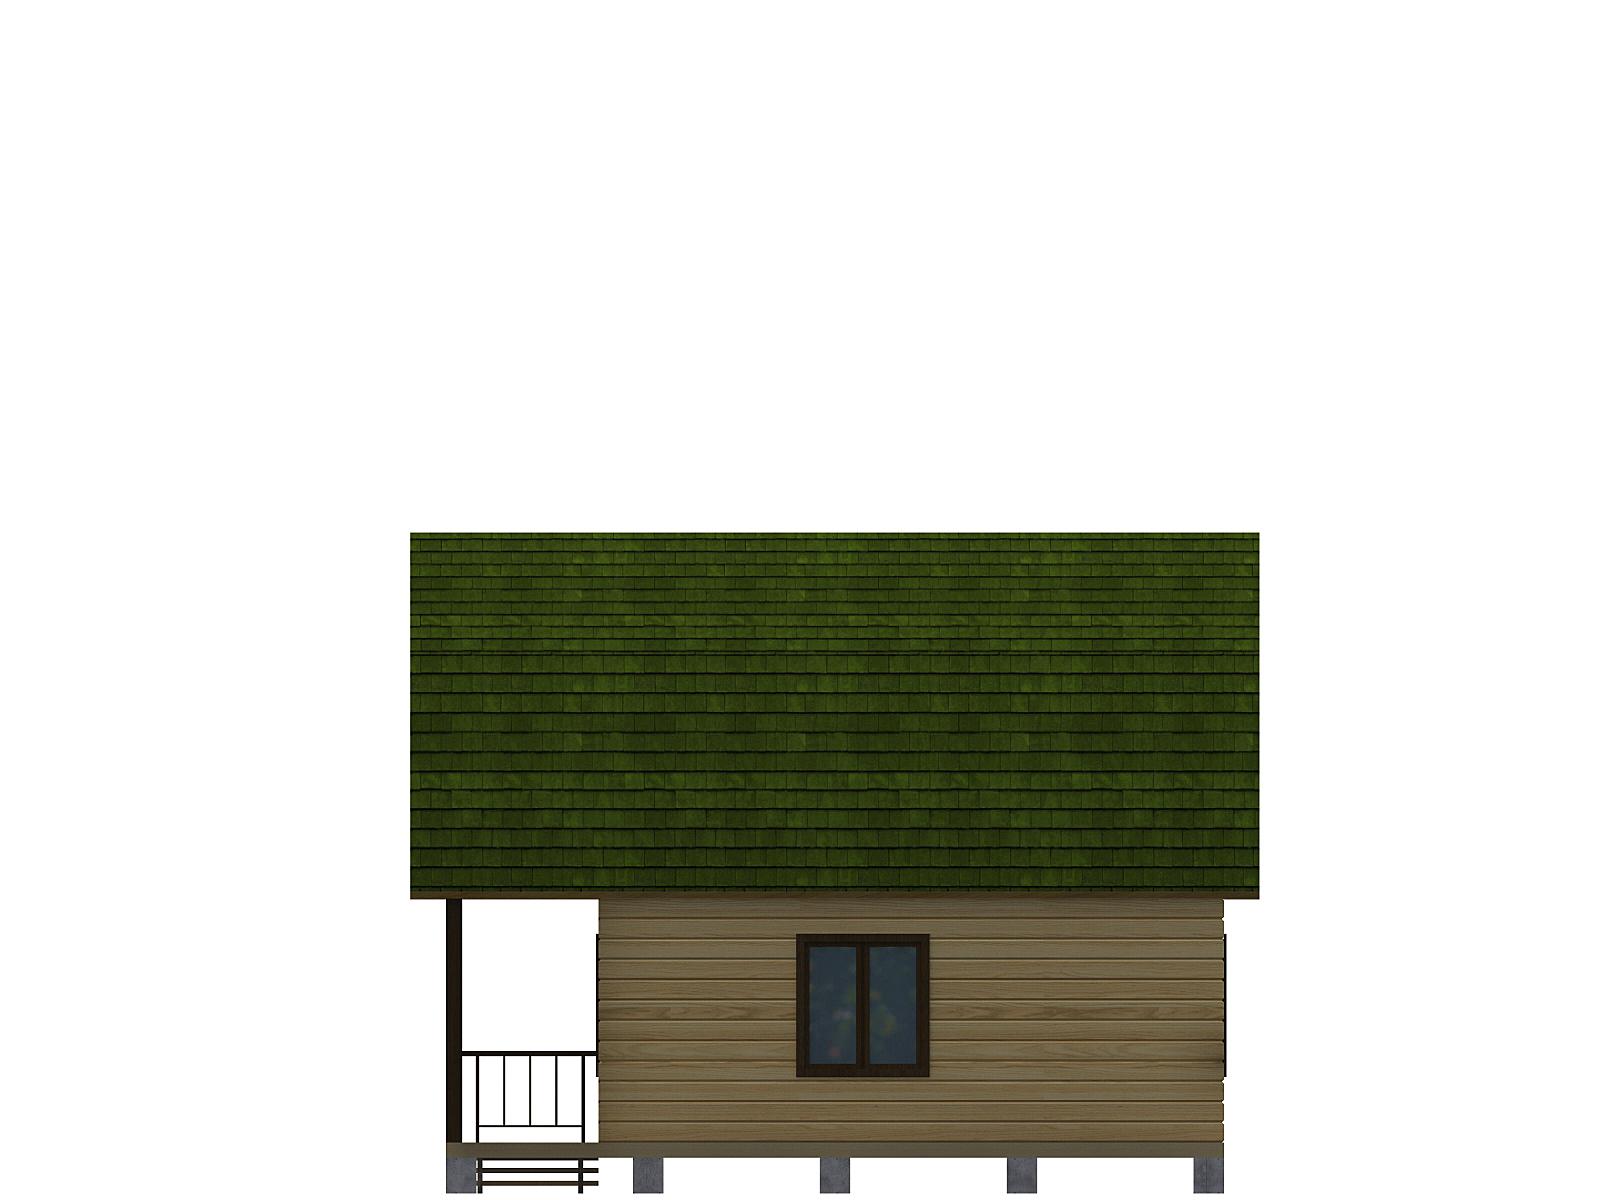 Проект дома из бруса 7.5х7.5. Разрез 3.